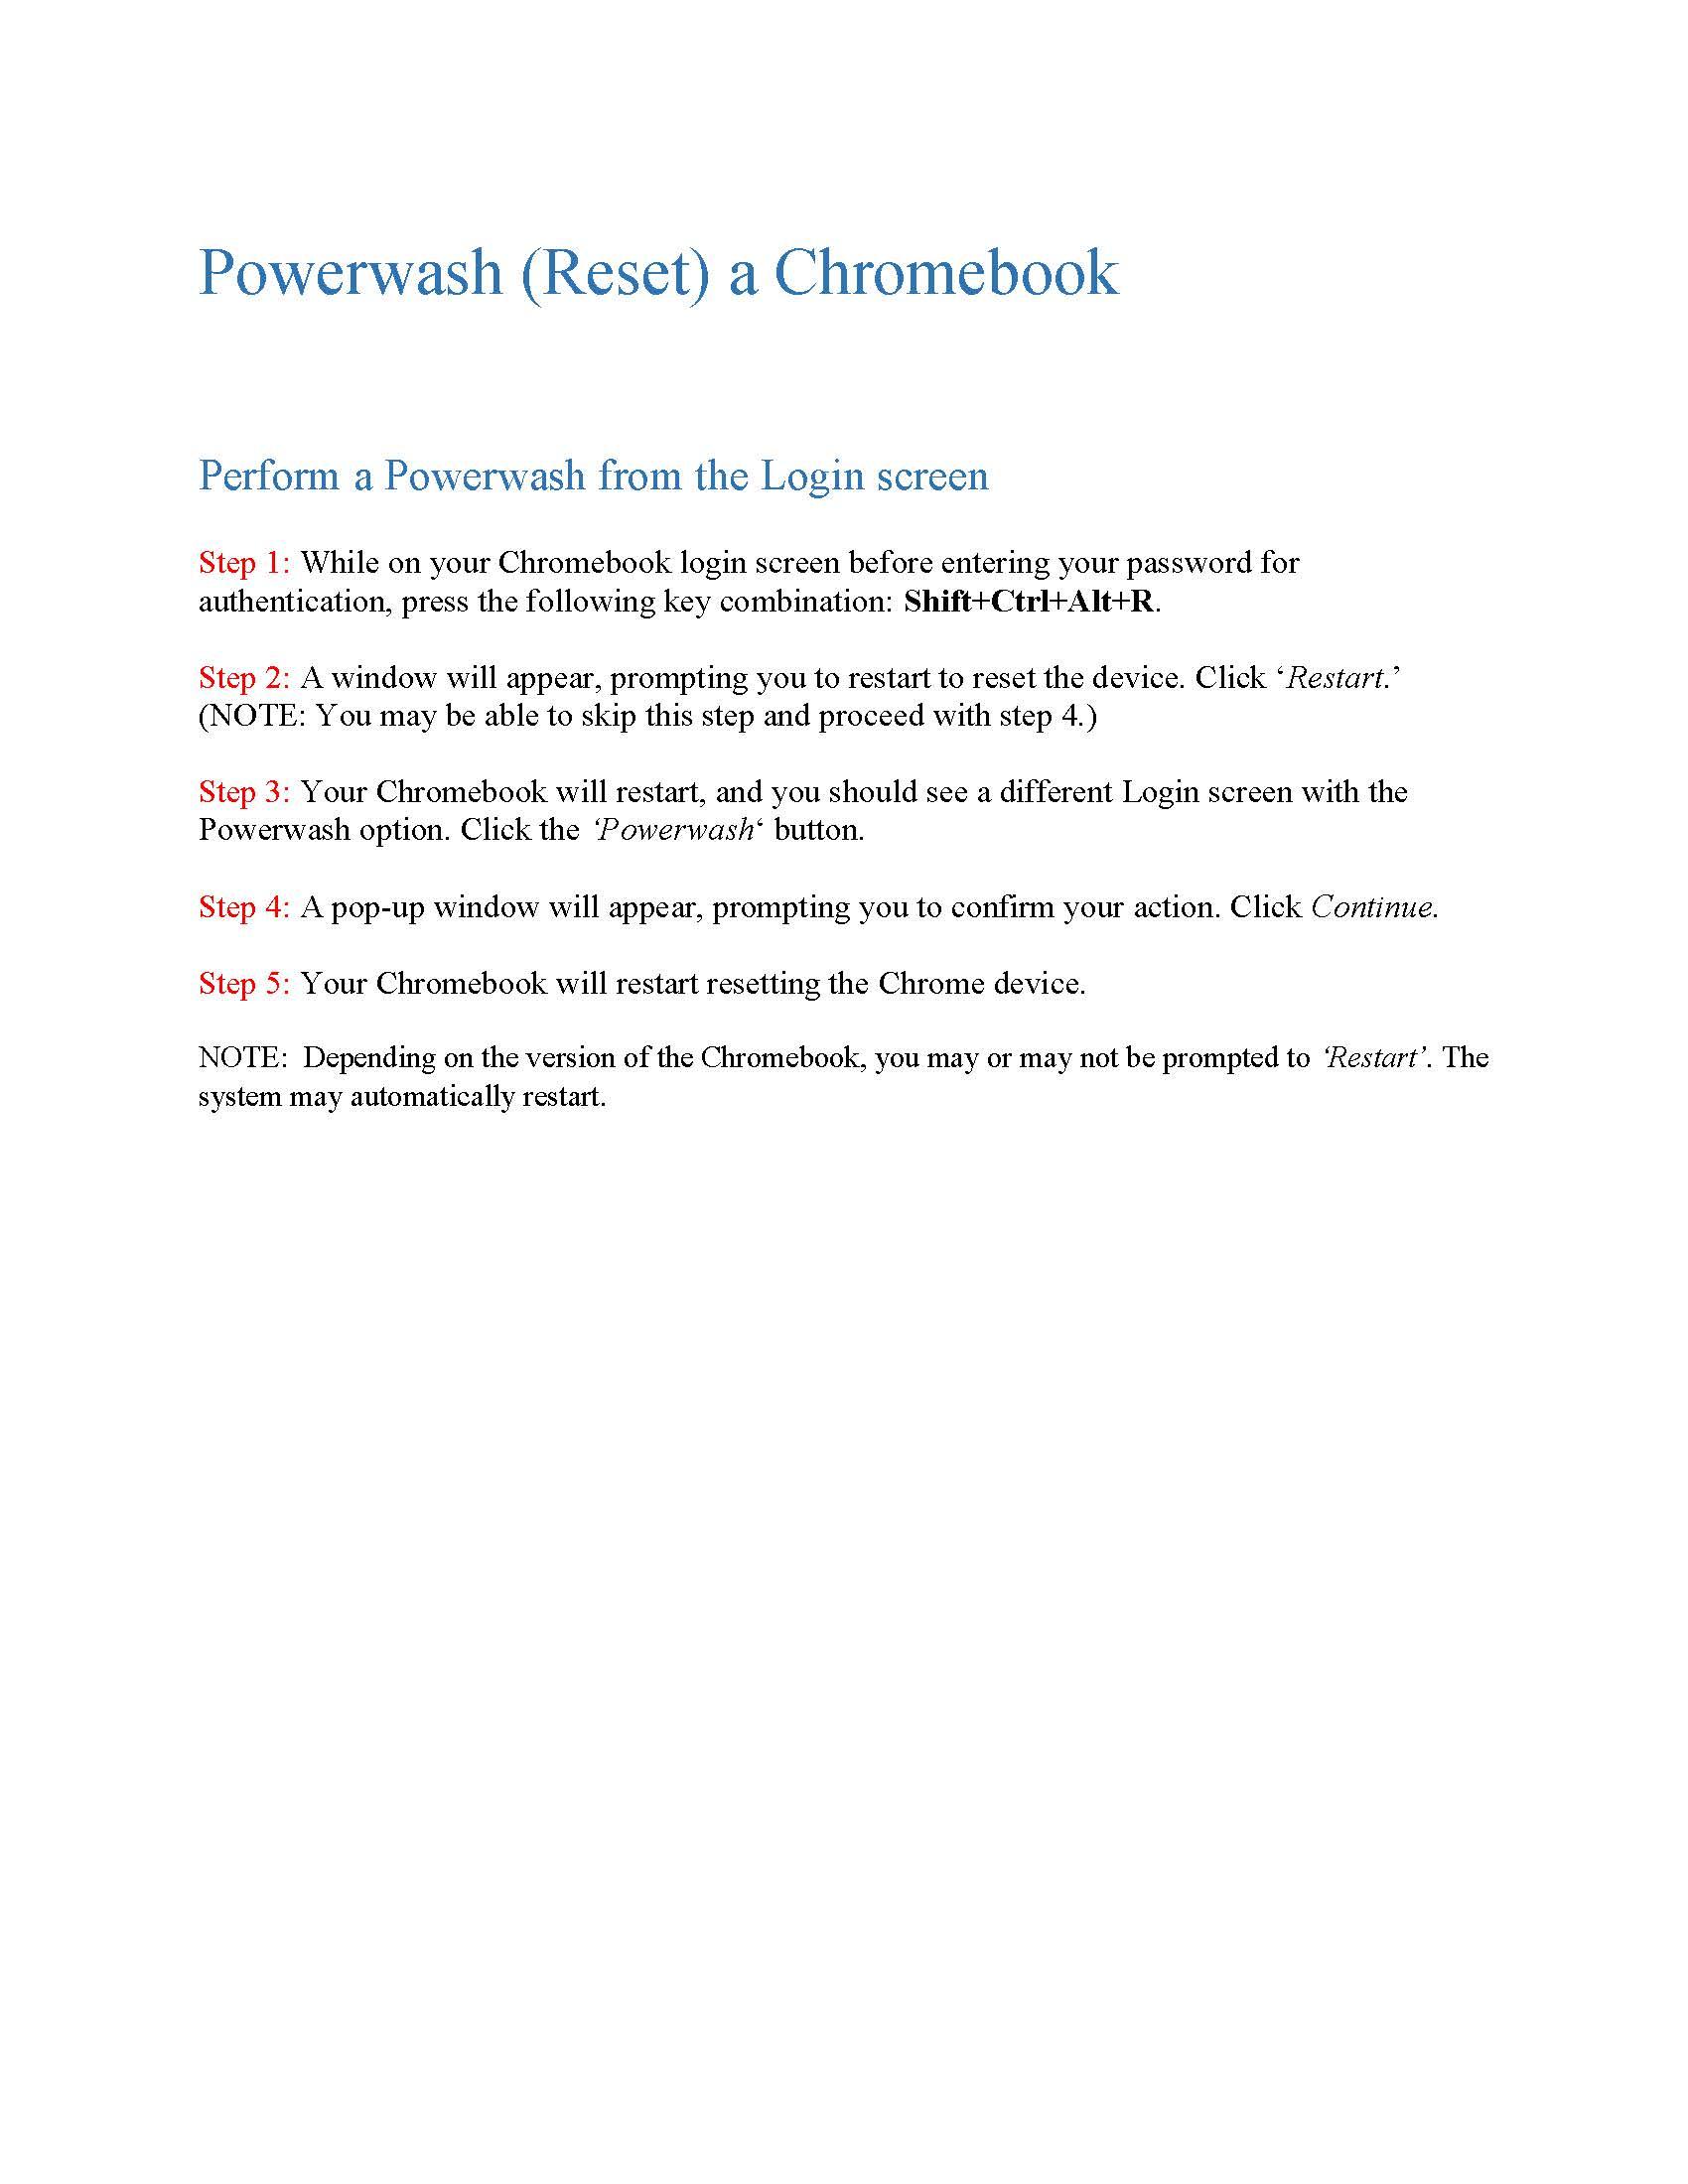 powerwash reset chromebook